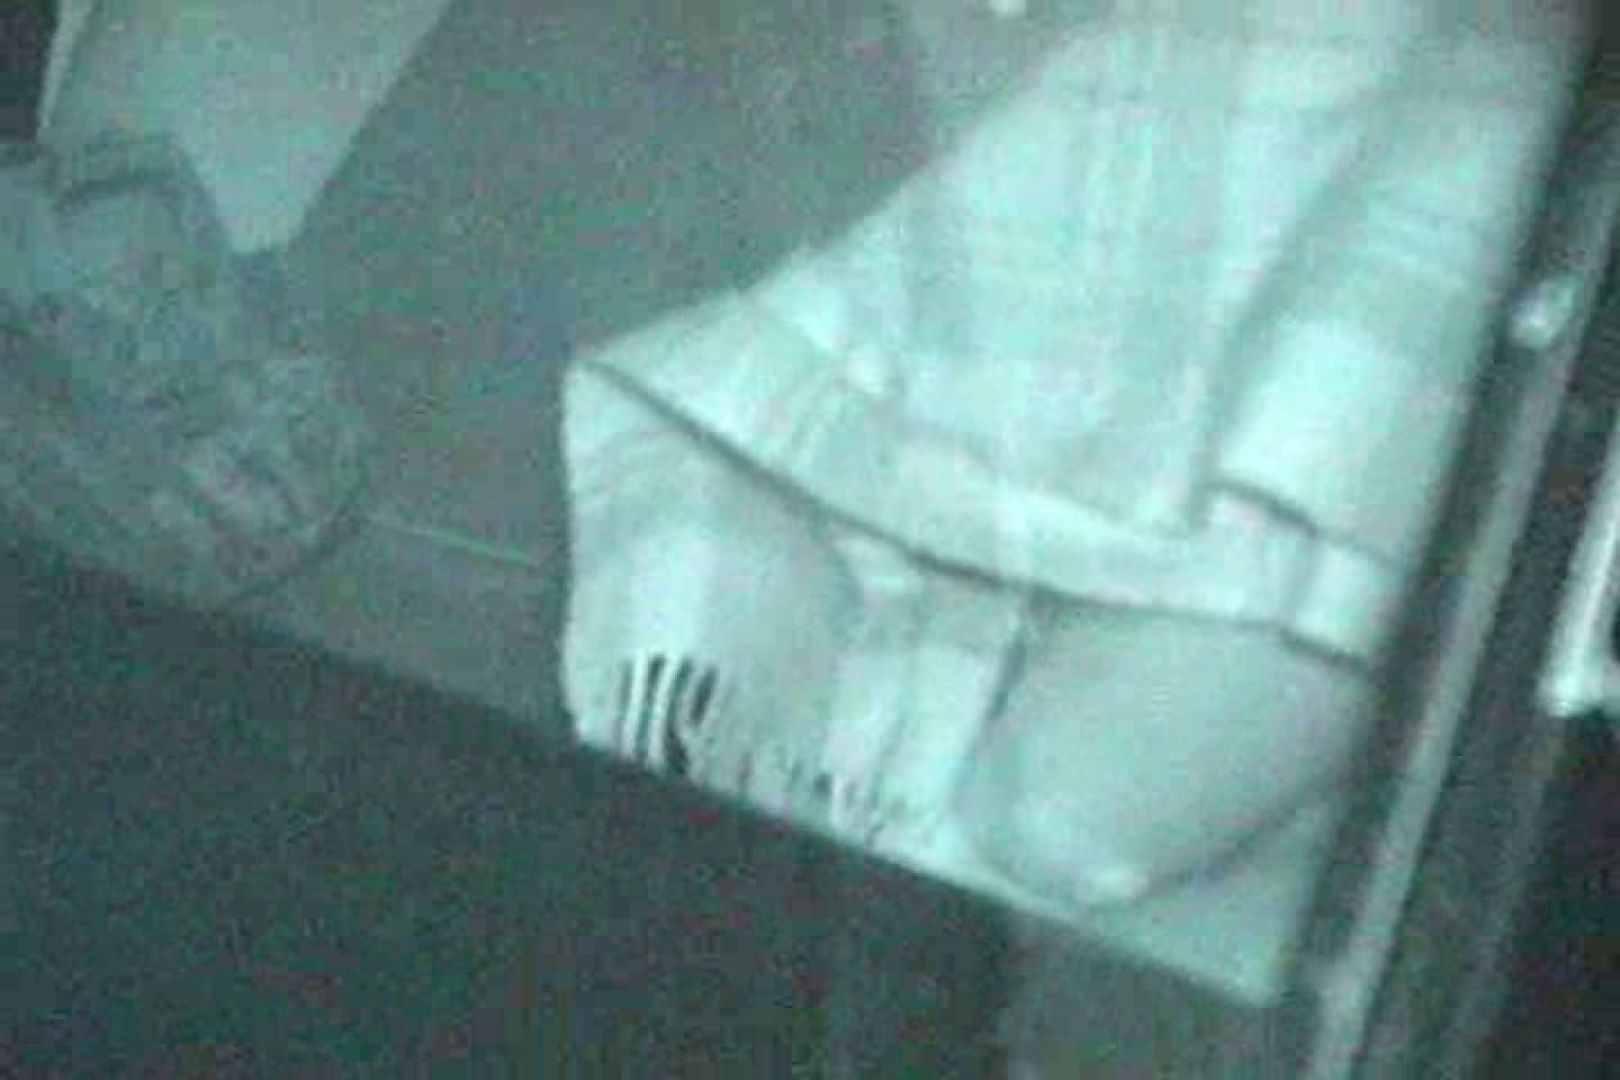 「充血監督」さんの深夜の運動会!! vol.032 OLの実態 盗み撮りSEX無修正画像 102pic 100